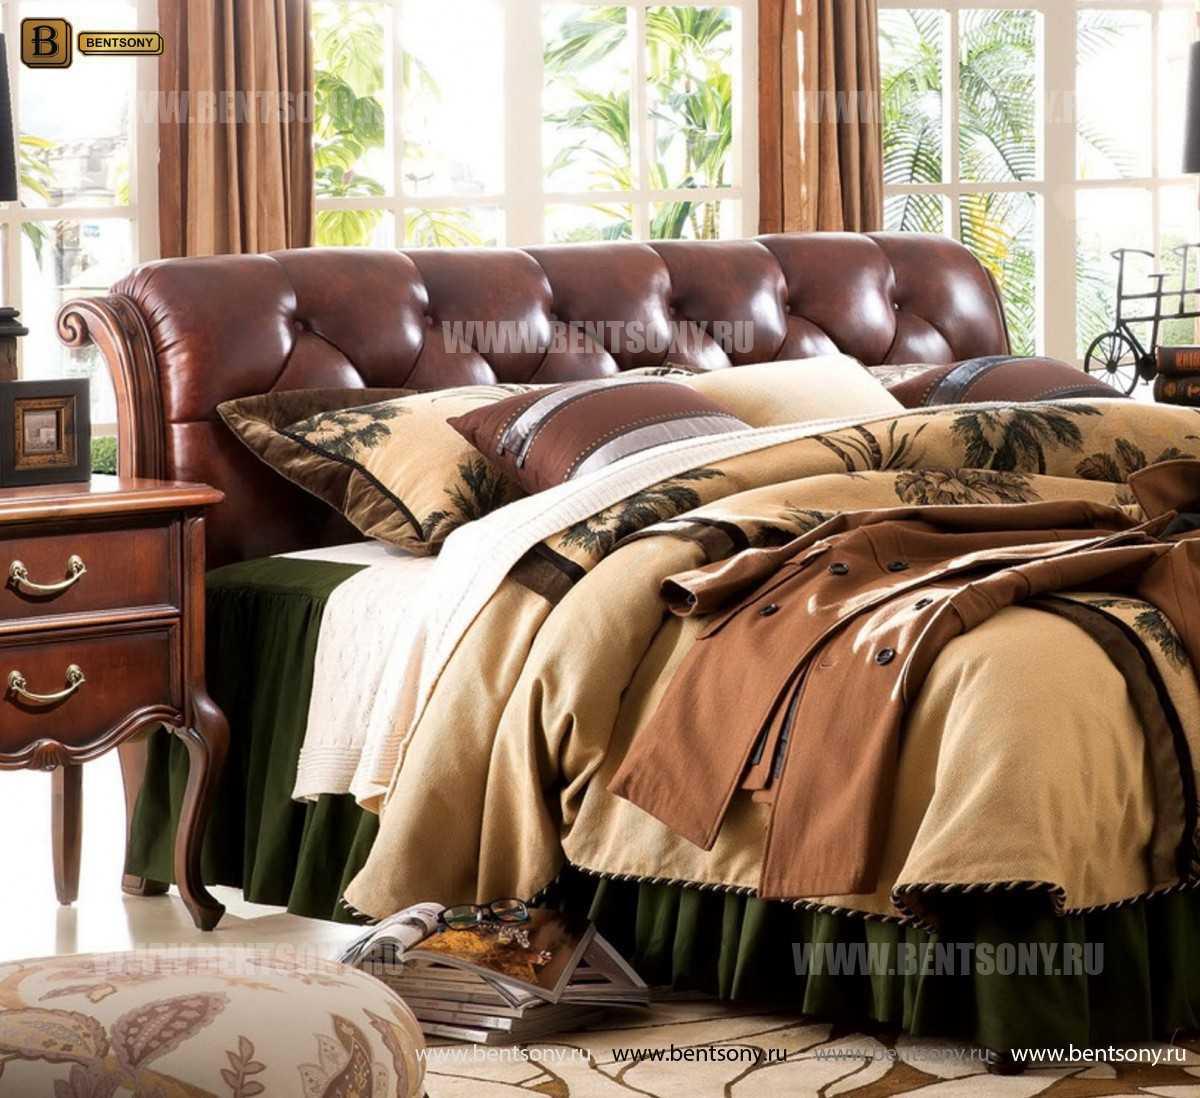 Спальня Крофорд D (Массив дерева, натуральная кожа) для квартиры